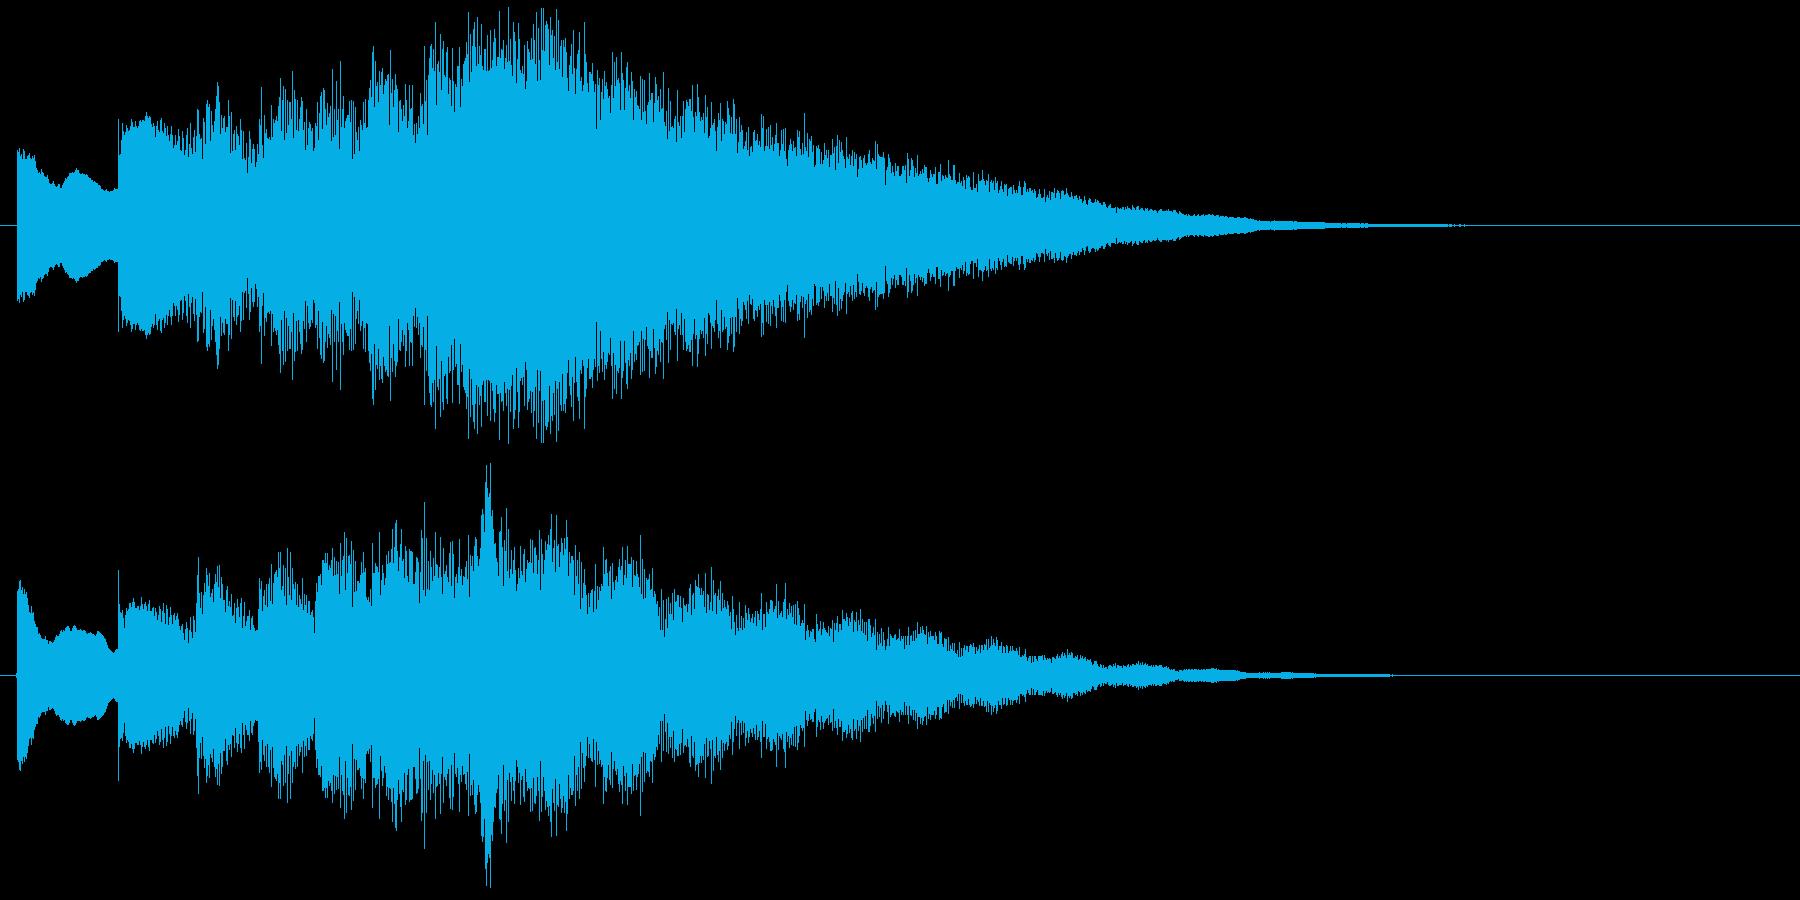 科学の実験などで物体が変化する効果音の再生済みの波形